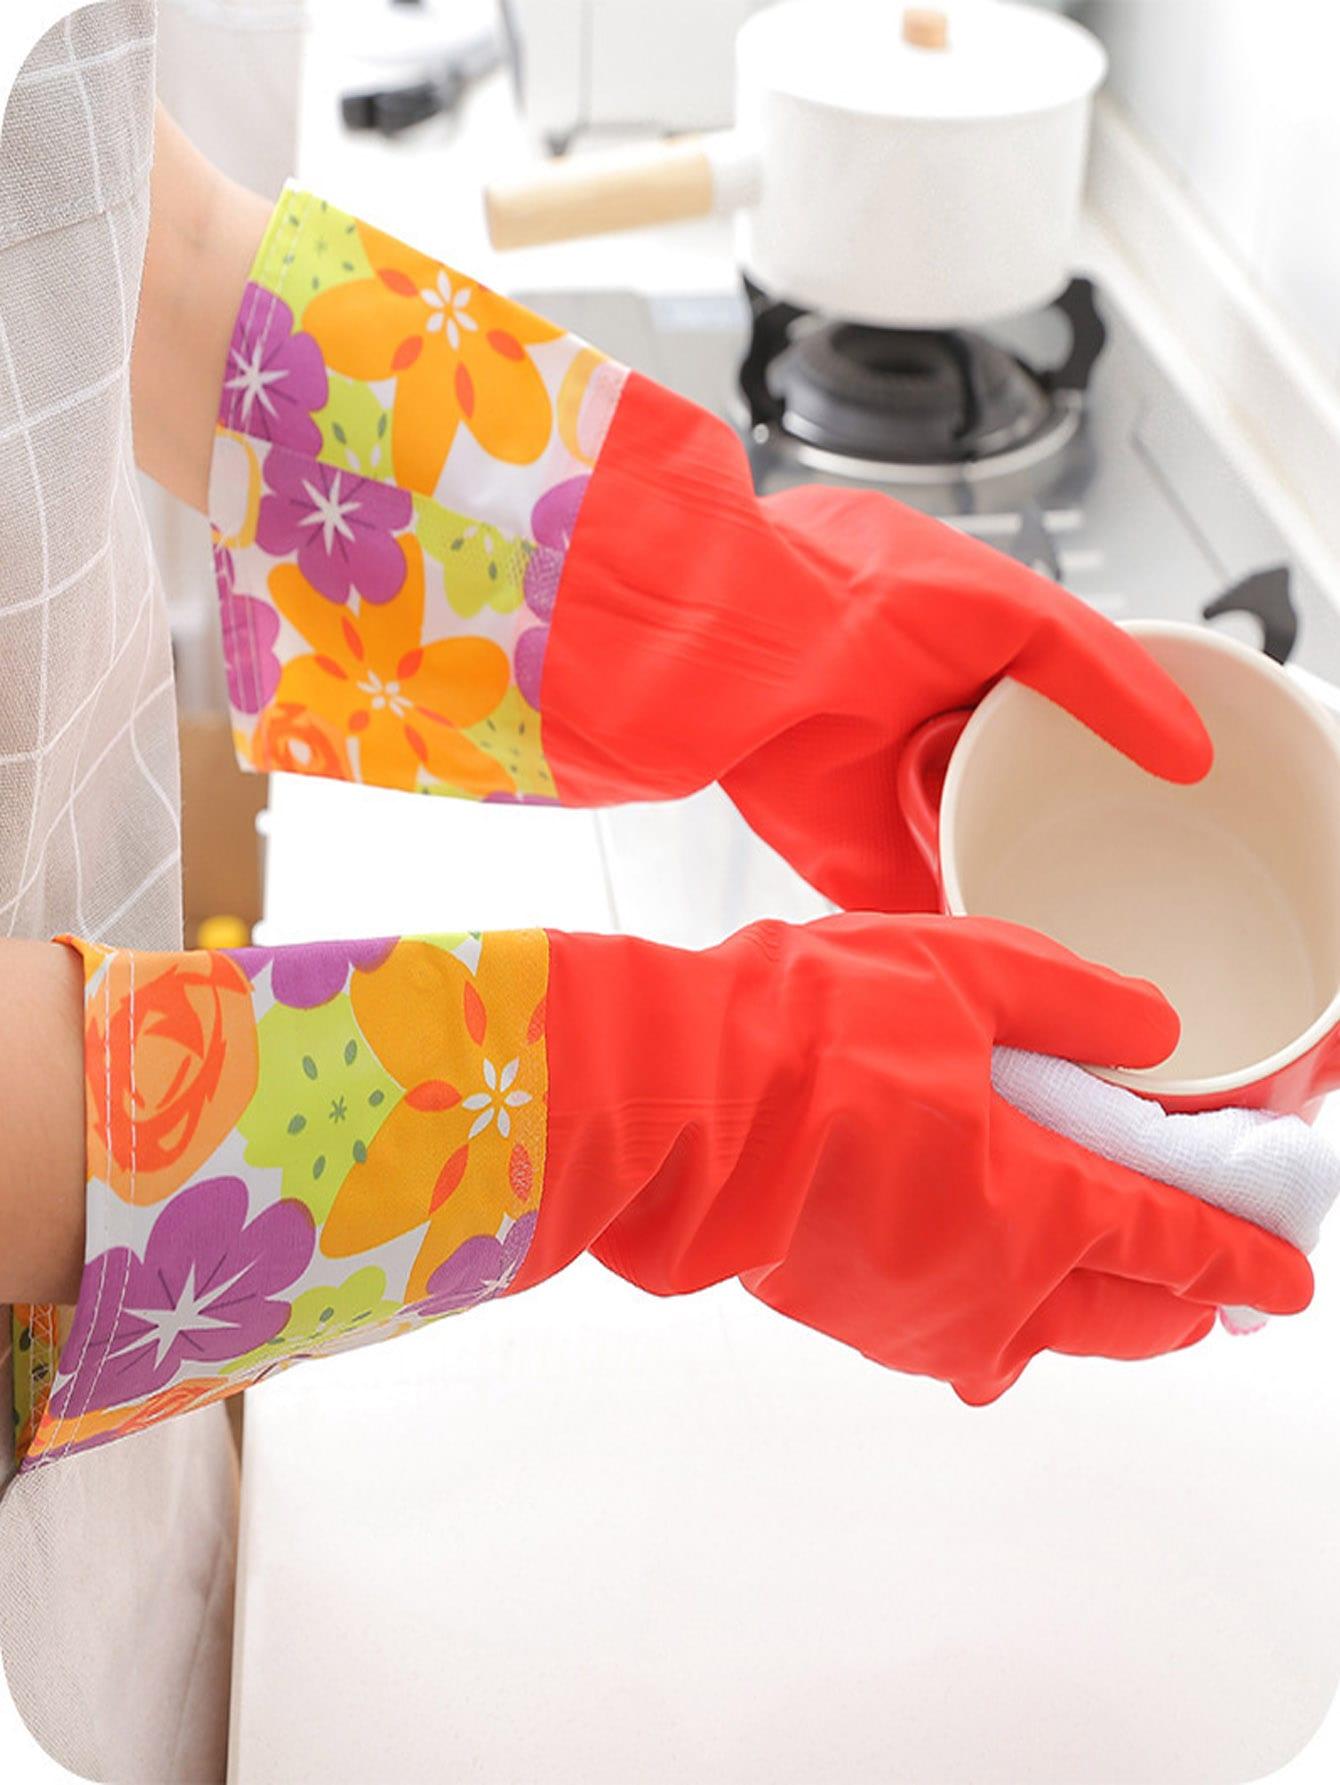 Купить Чистящие перчатки для домашней работы 1 пара, null, SheIn